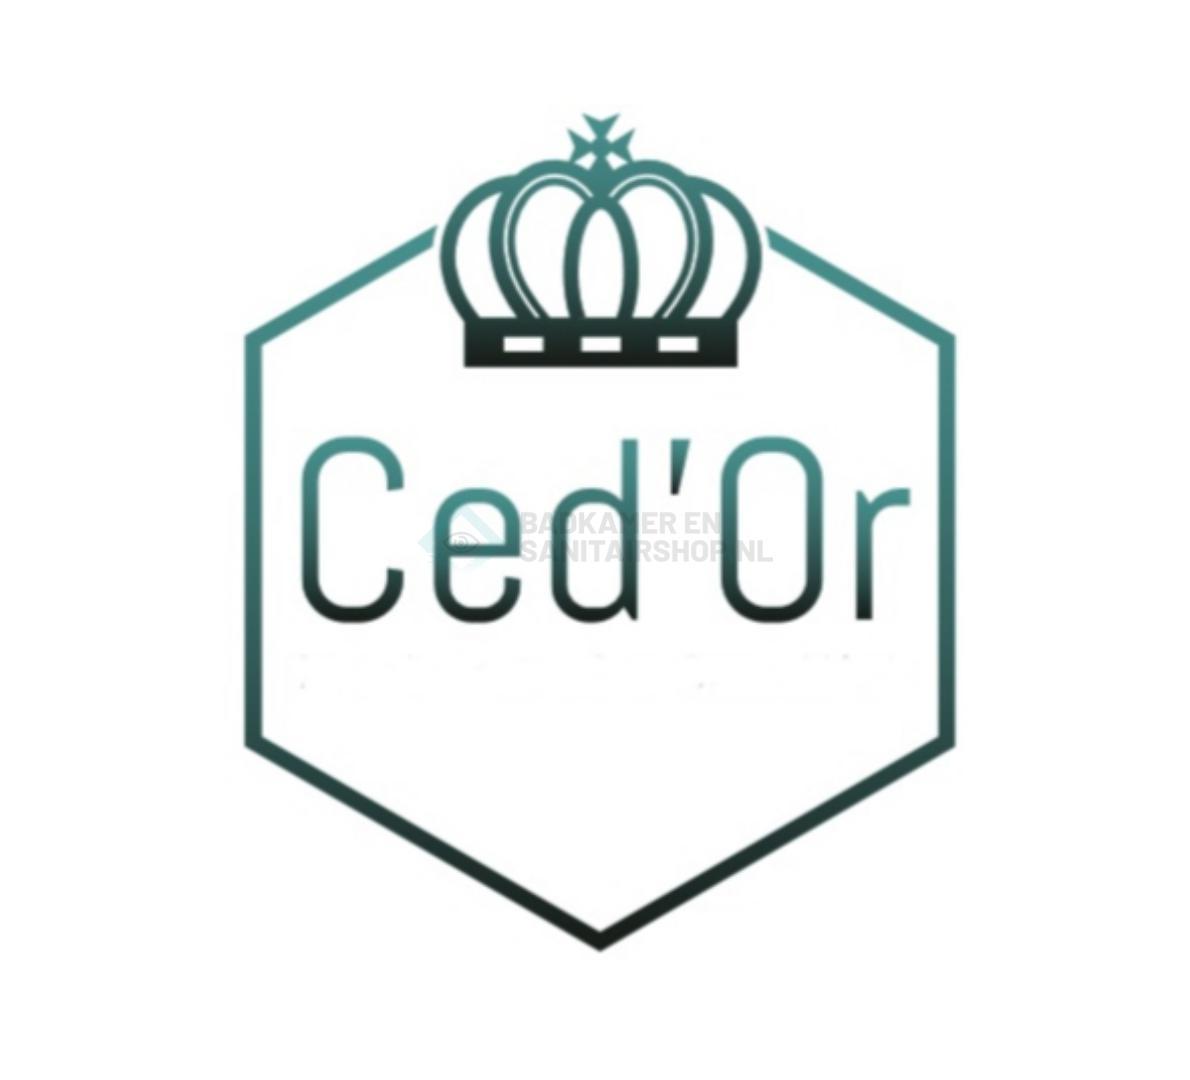 Cedor